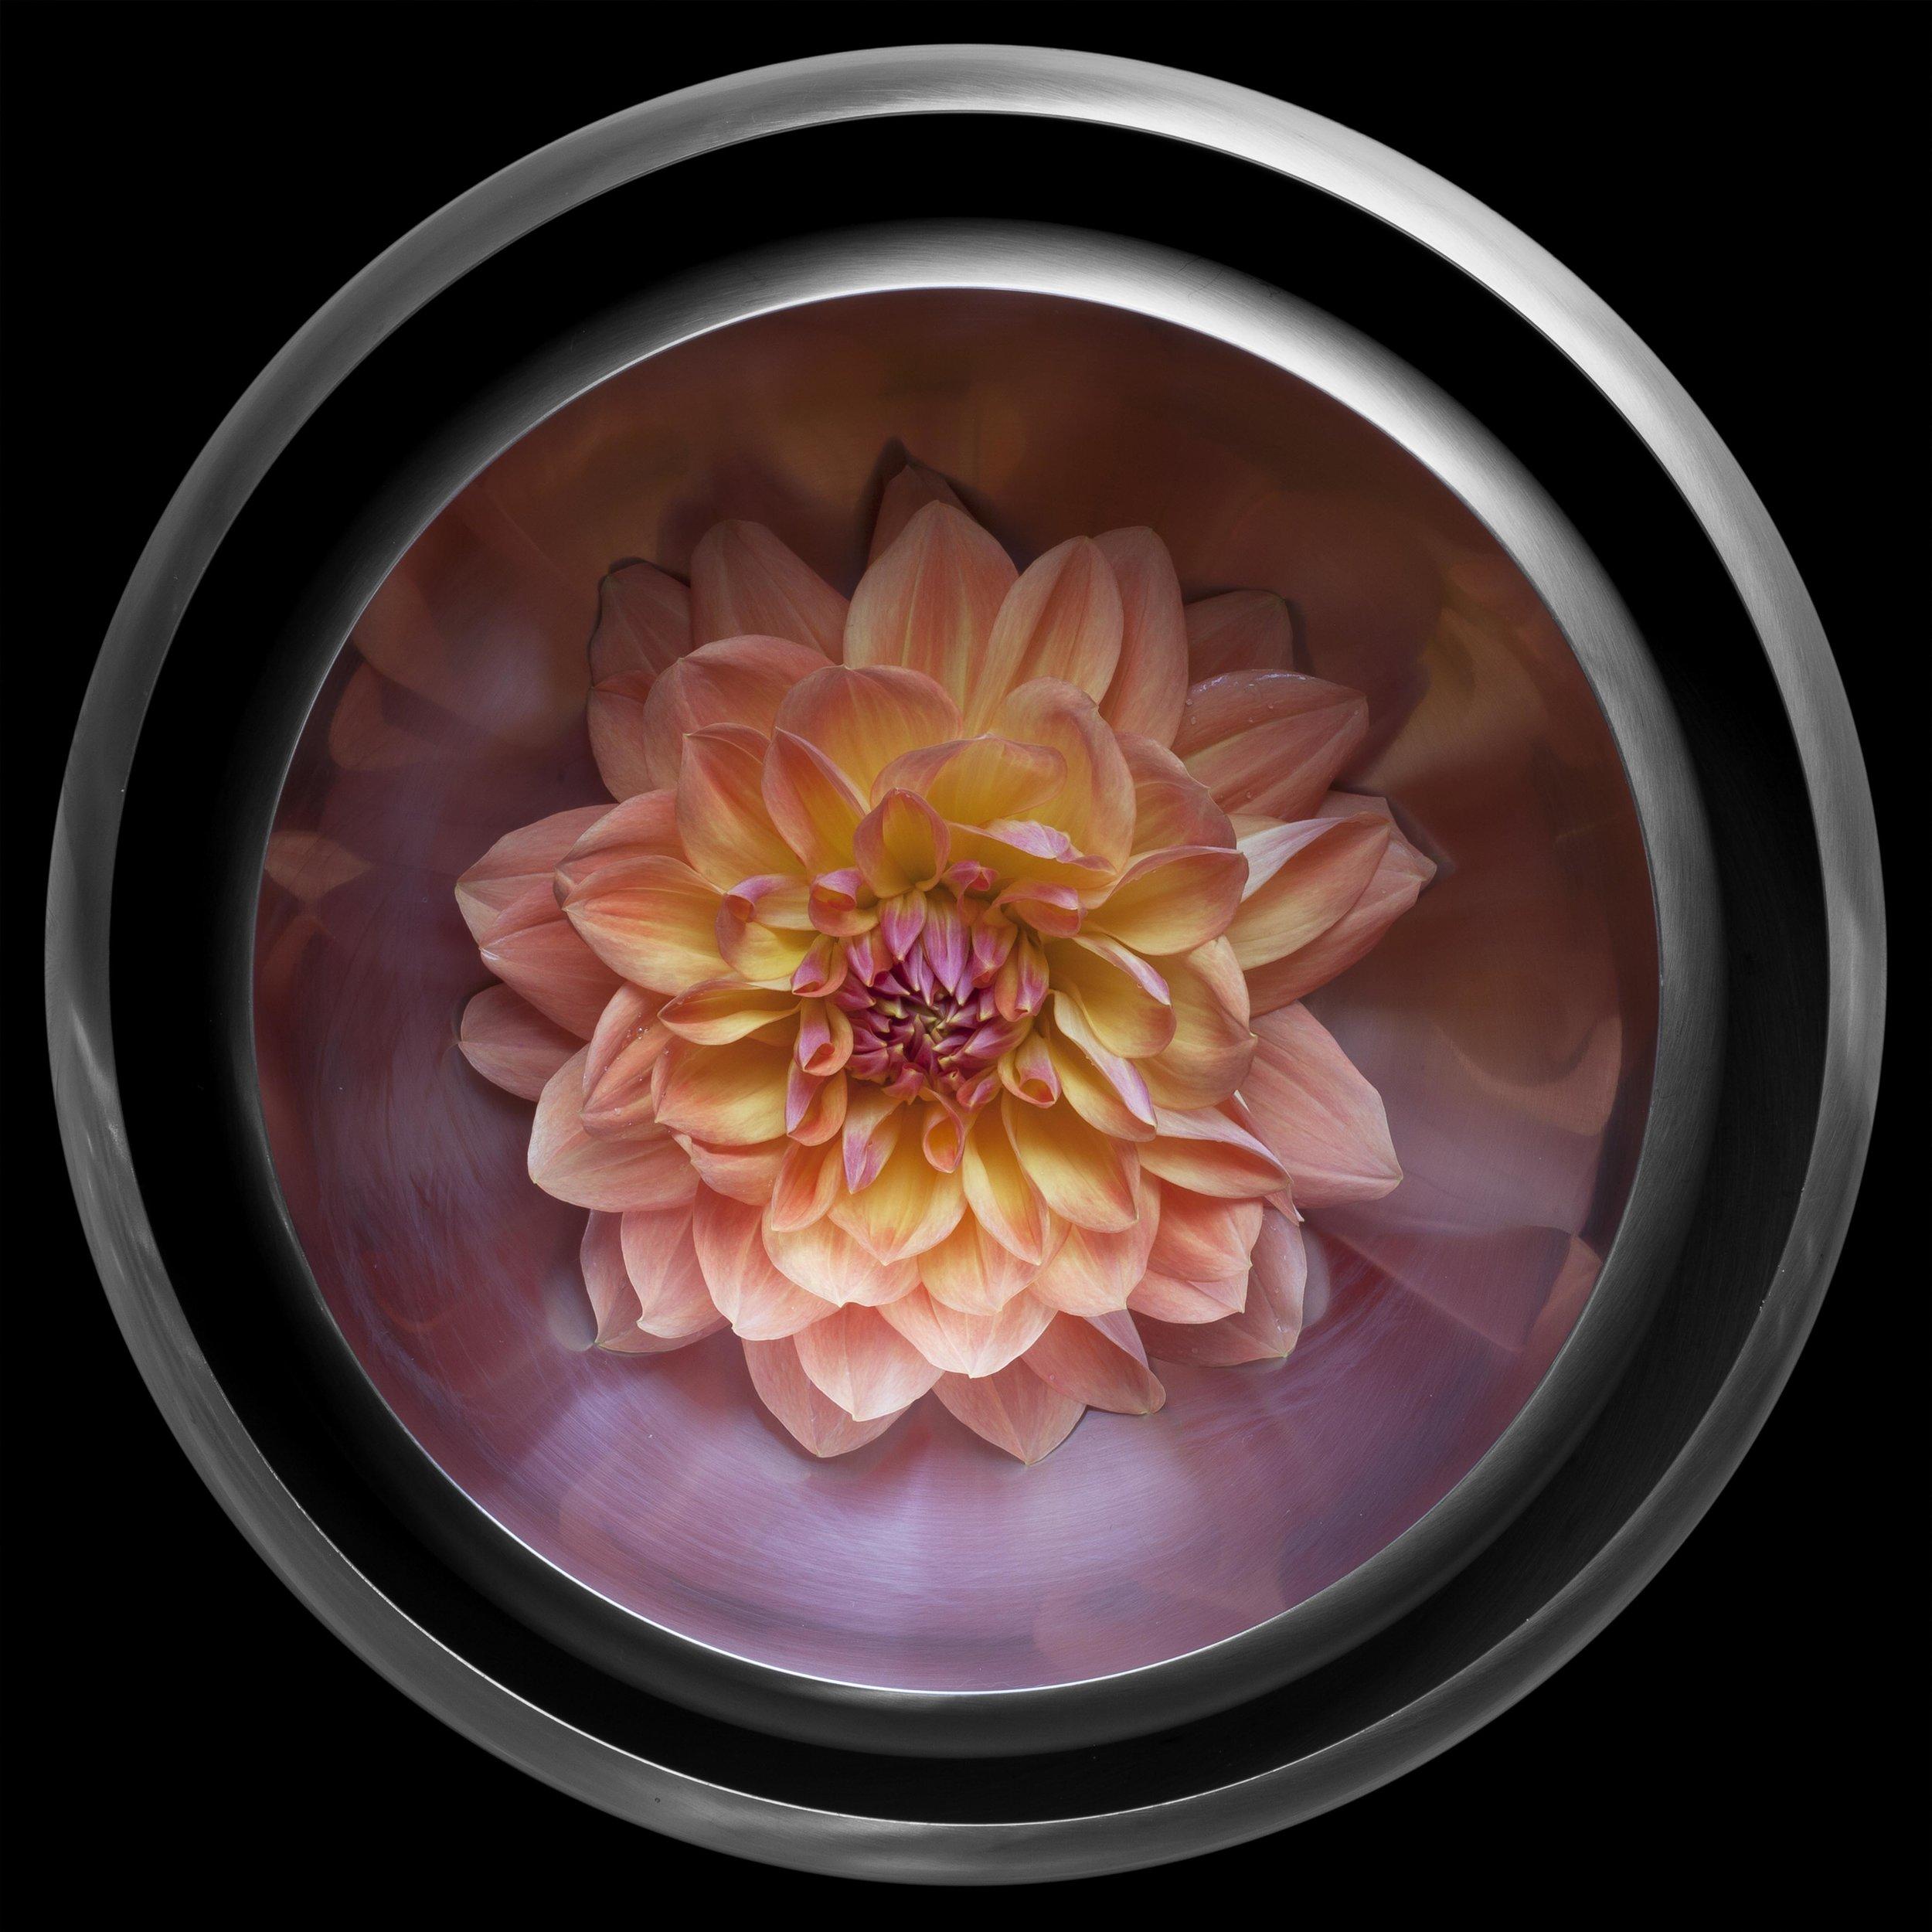 Peach Dahlia.jpg